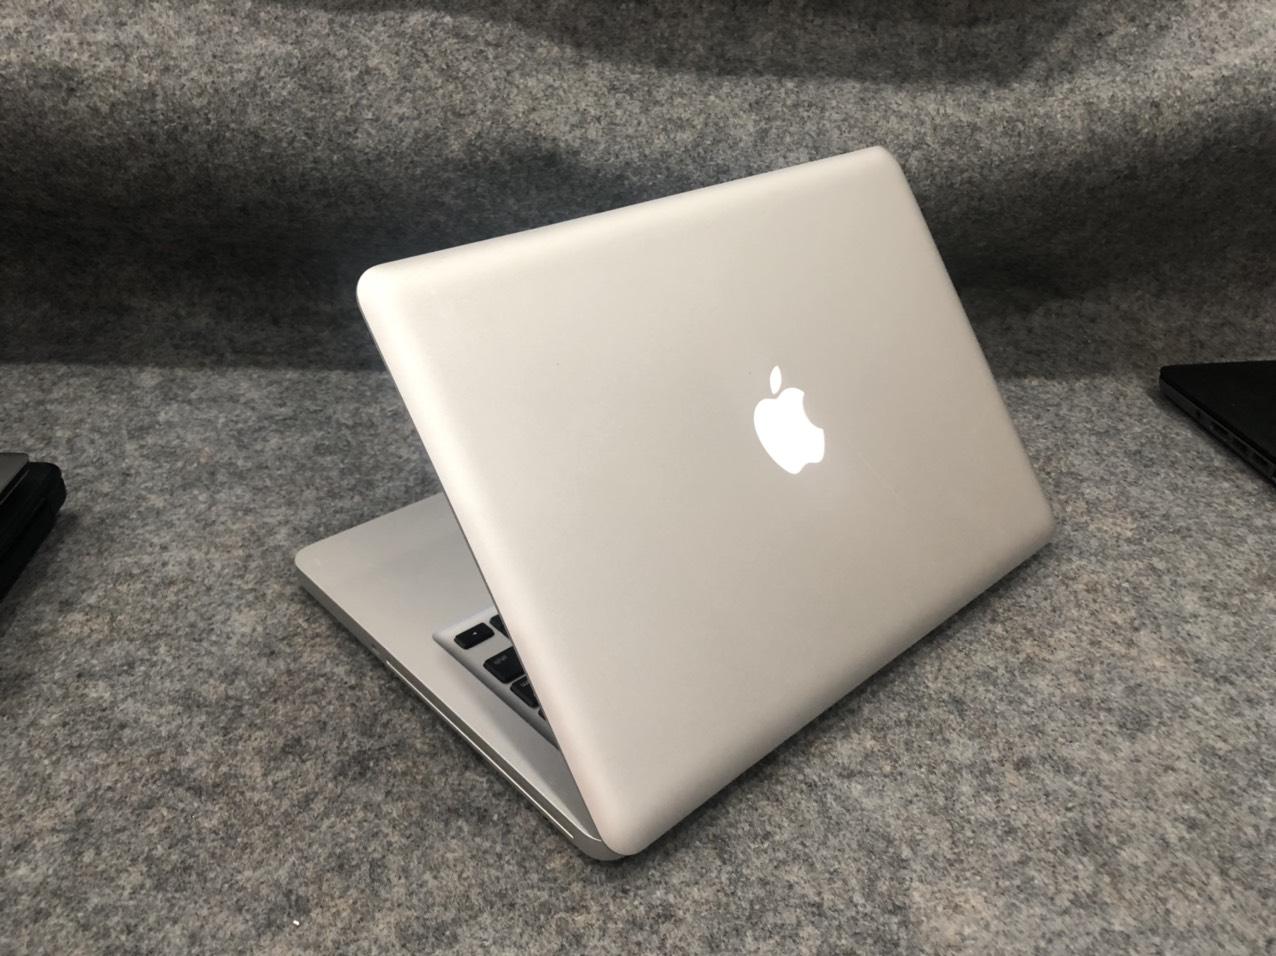 Macbook-pro-2011-core-i5-cu-gia-re-4